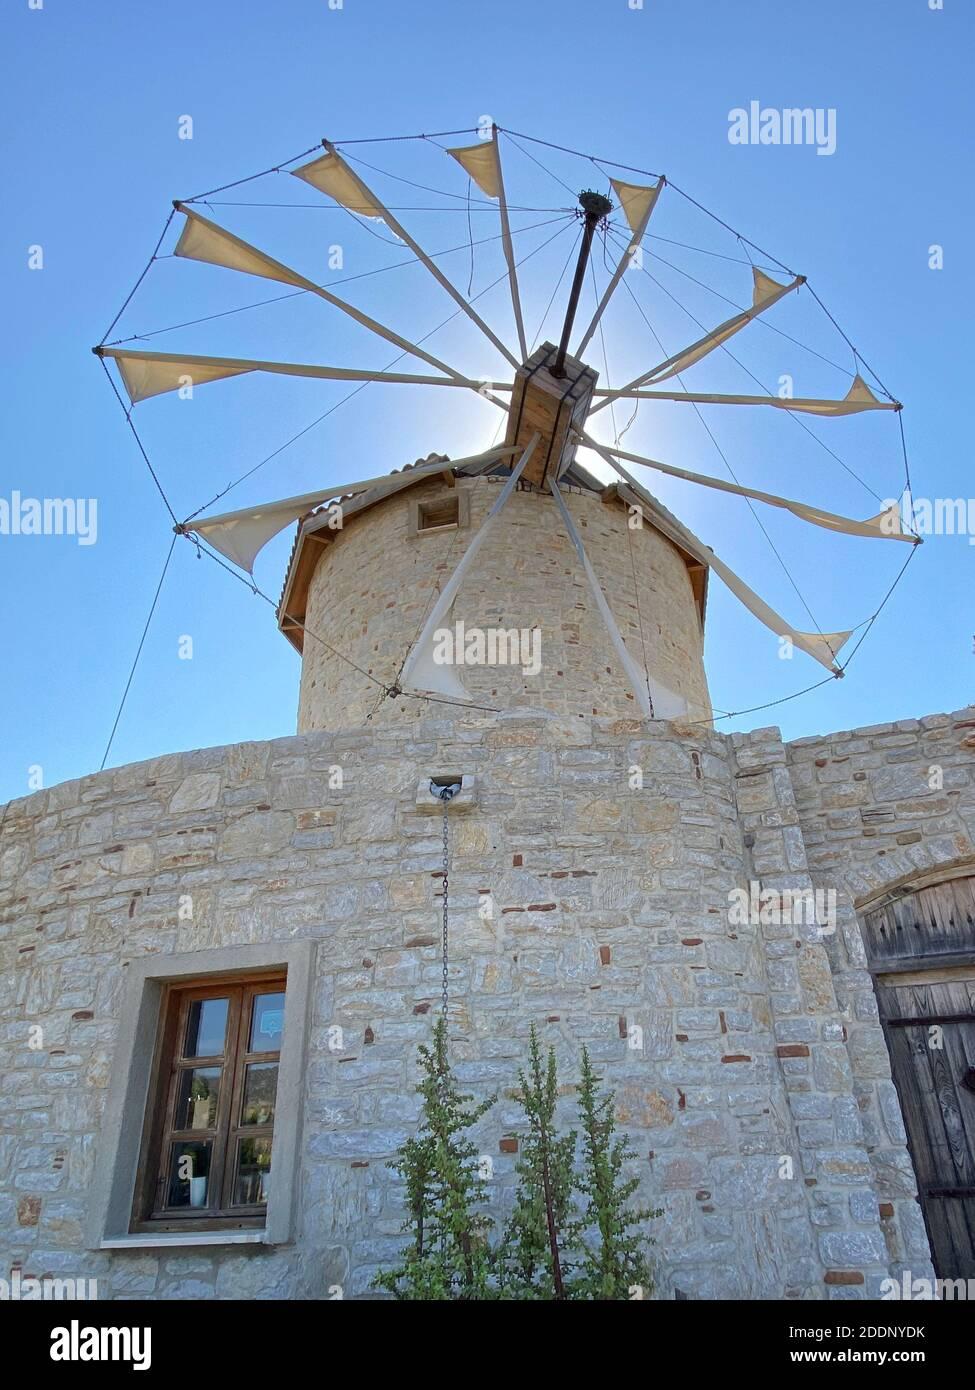 Ancien moulin à vent en pierre blanche avec vieille porte en bois lourde. Destination de vacances et attraction touristique. Banque D'Images